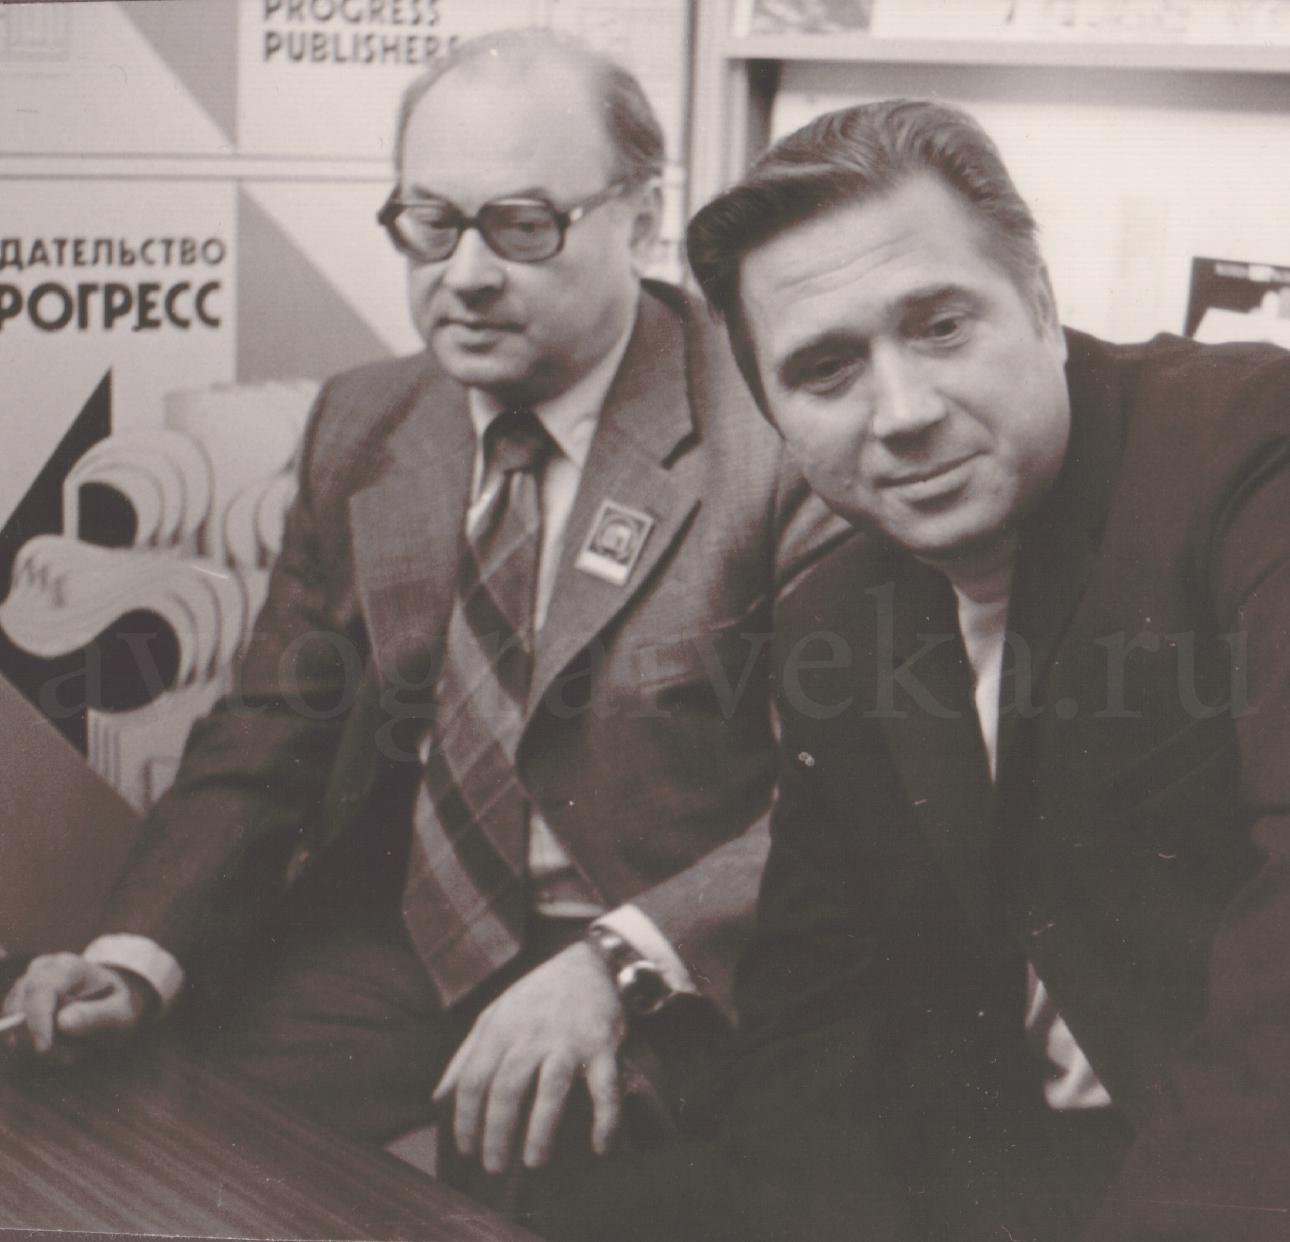 05_Арнольд Калинин 1977 б сотр андроп отдела б пос на Кубе и Португал